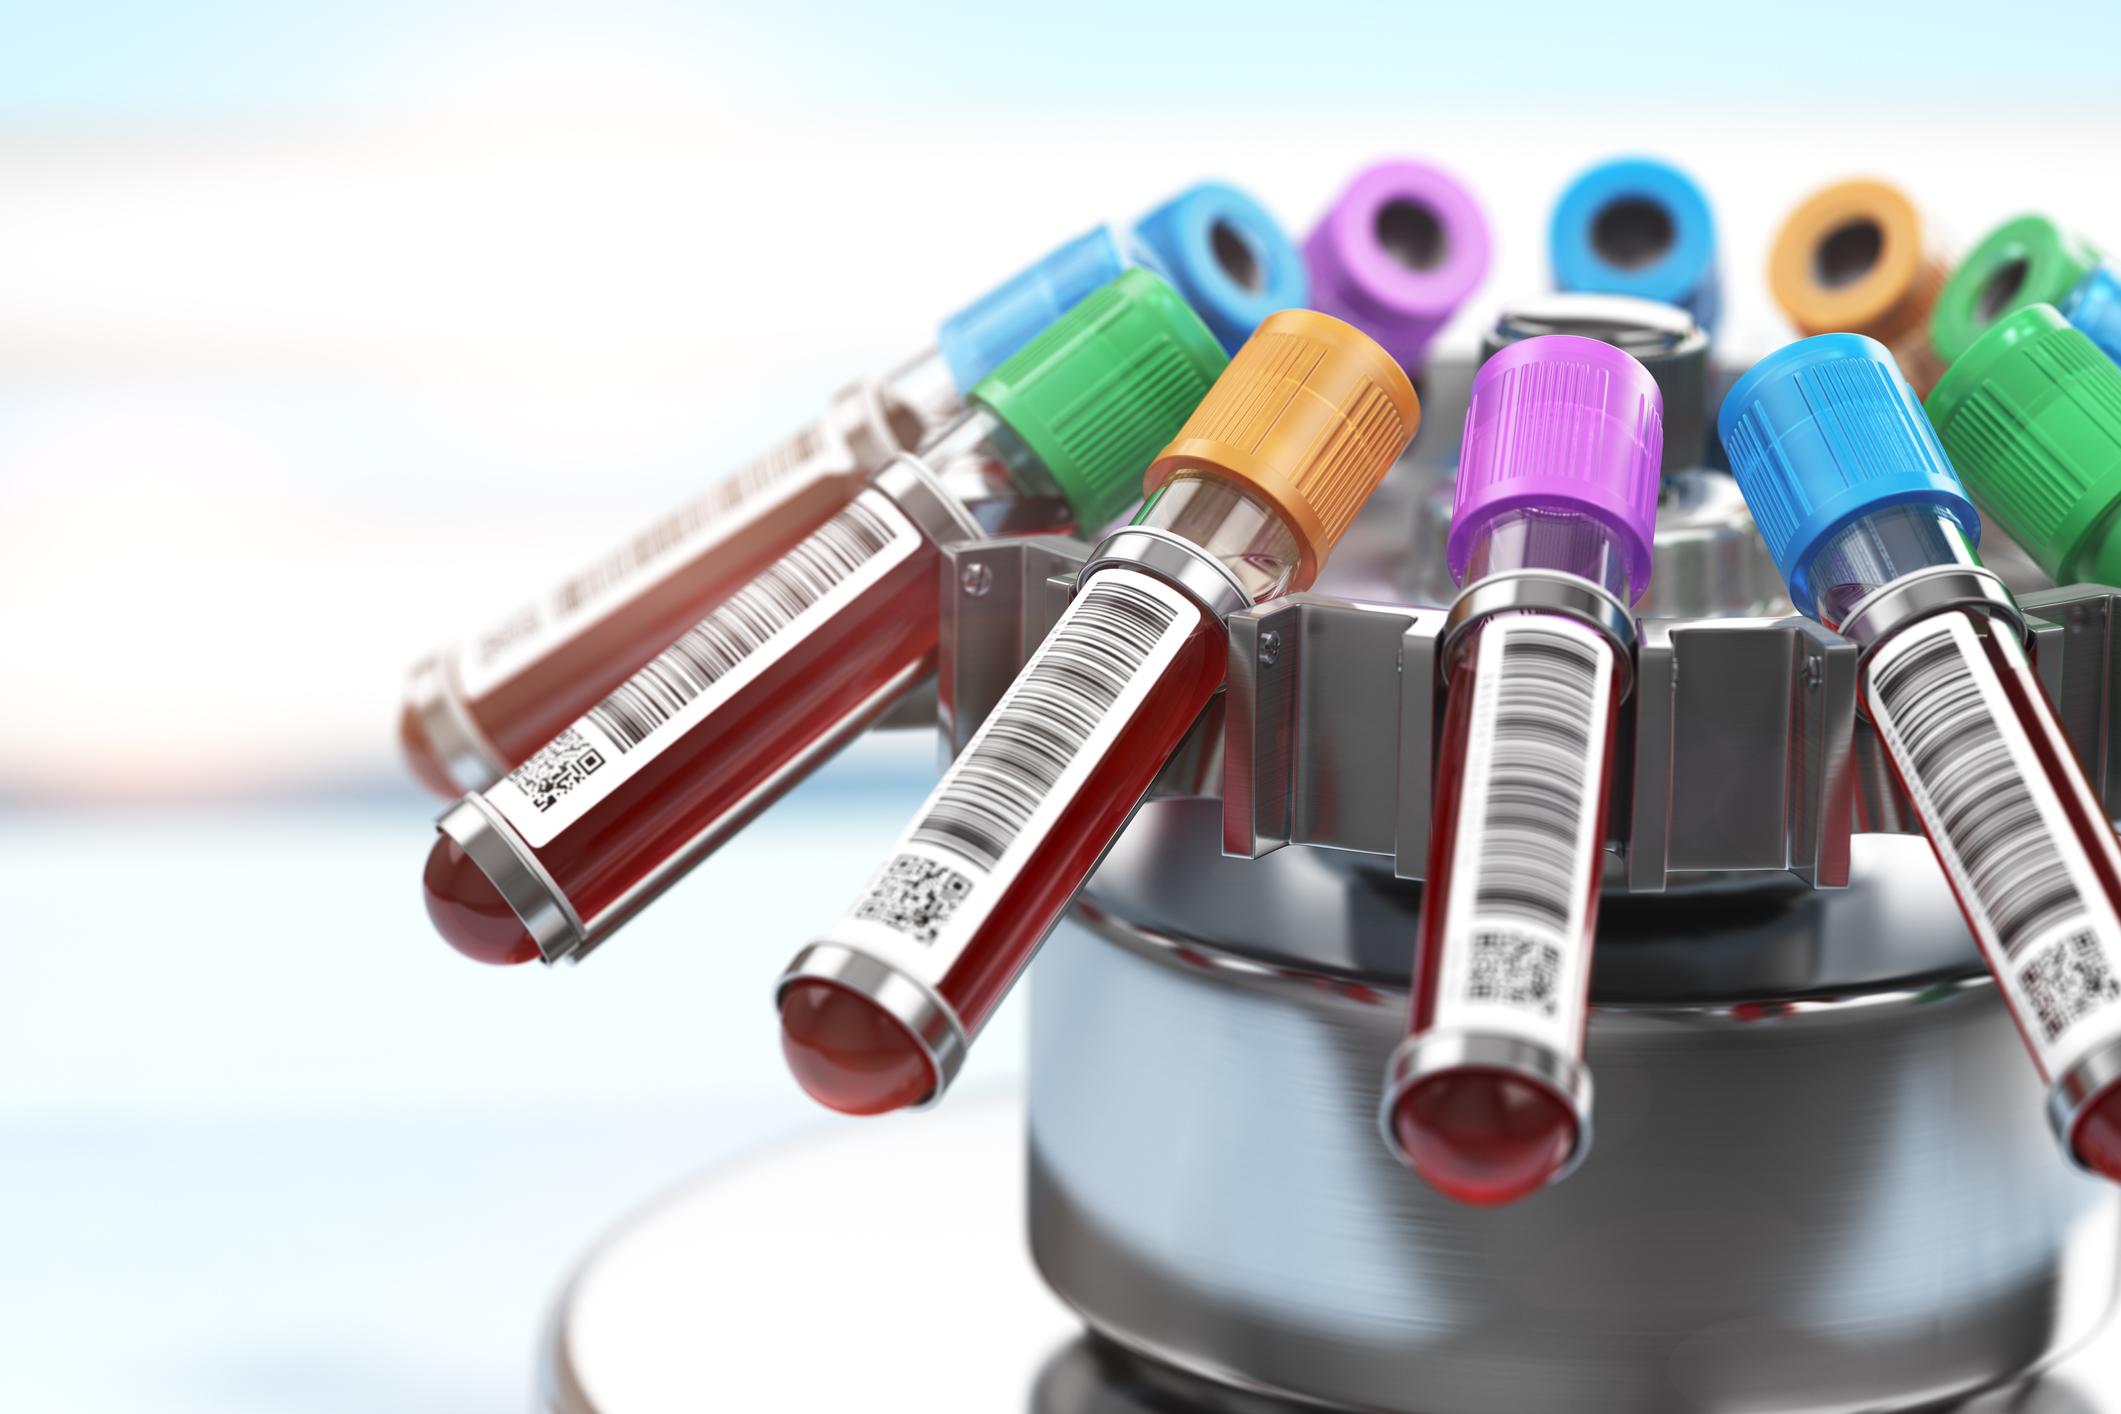 test diagnóstico covid 19